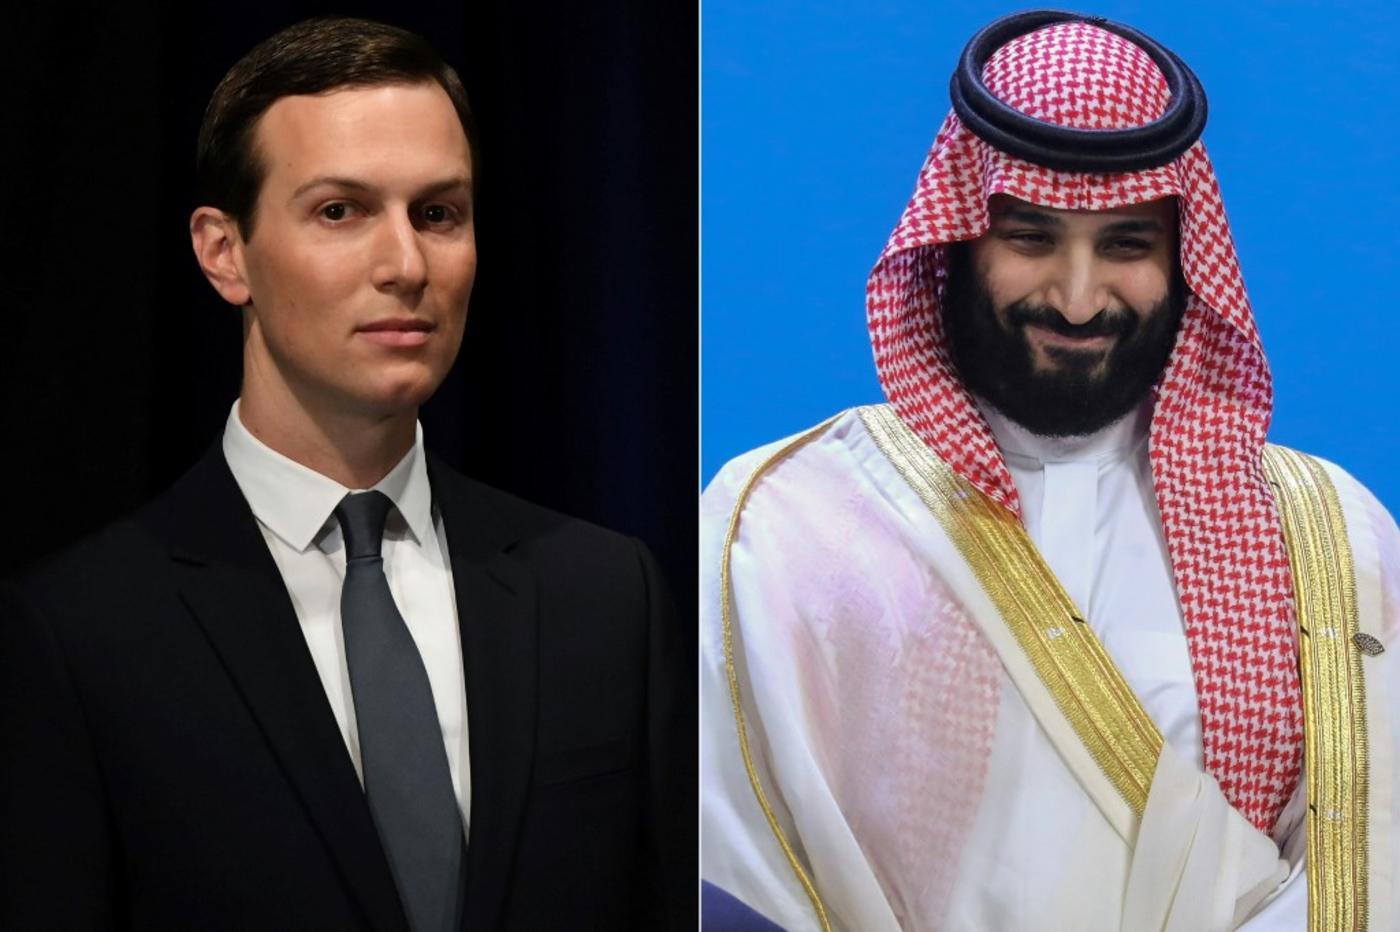 Jared Kushner to travel to Saudi Arabia, Qatar this week